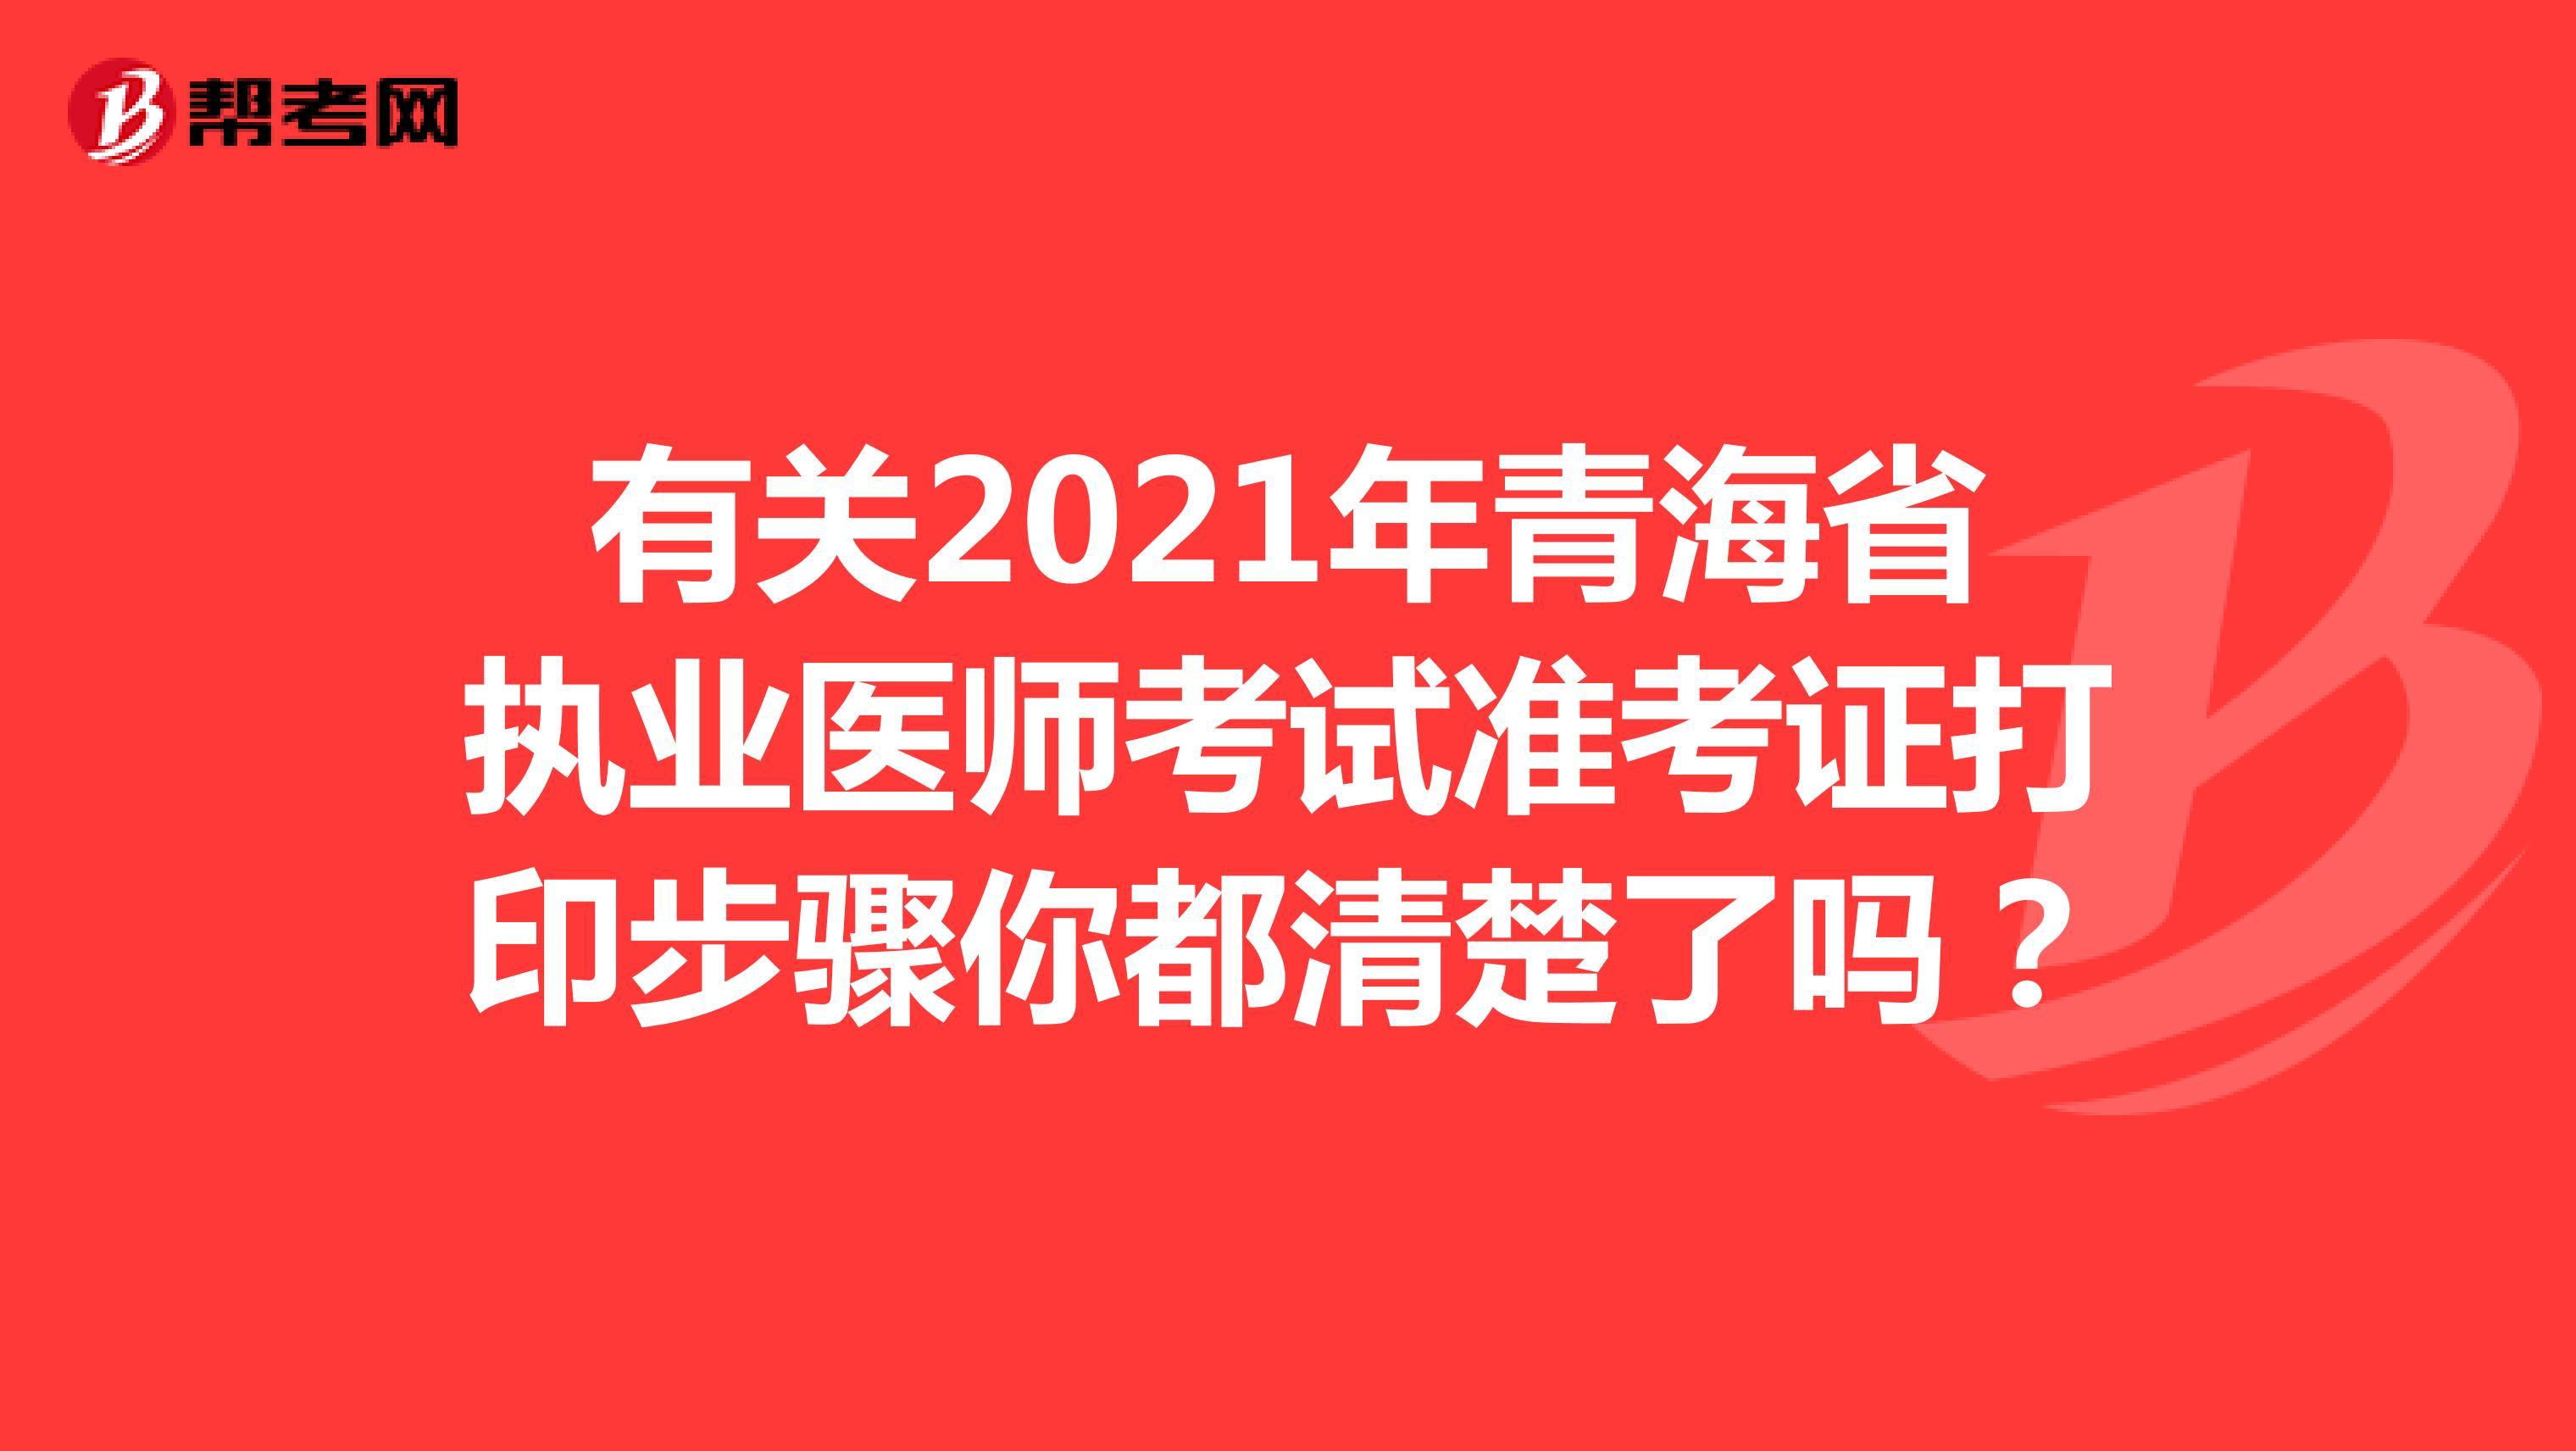 有关2021年青海省执业医师考试准考证打印步骤你都清楚了吗?